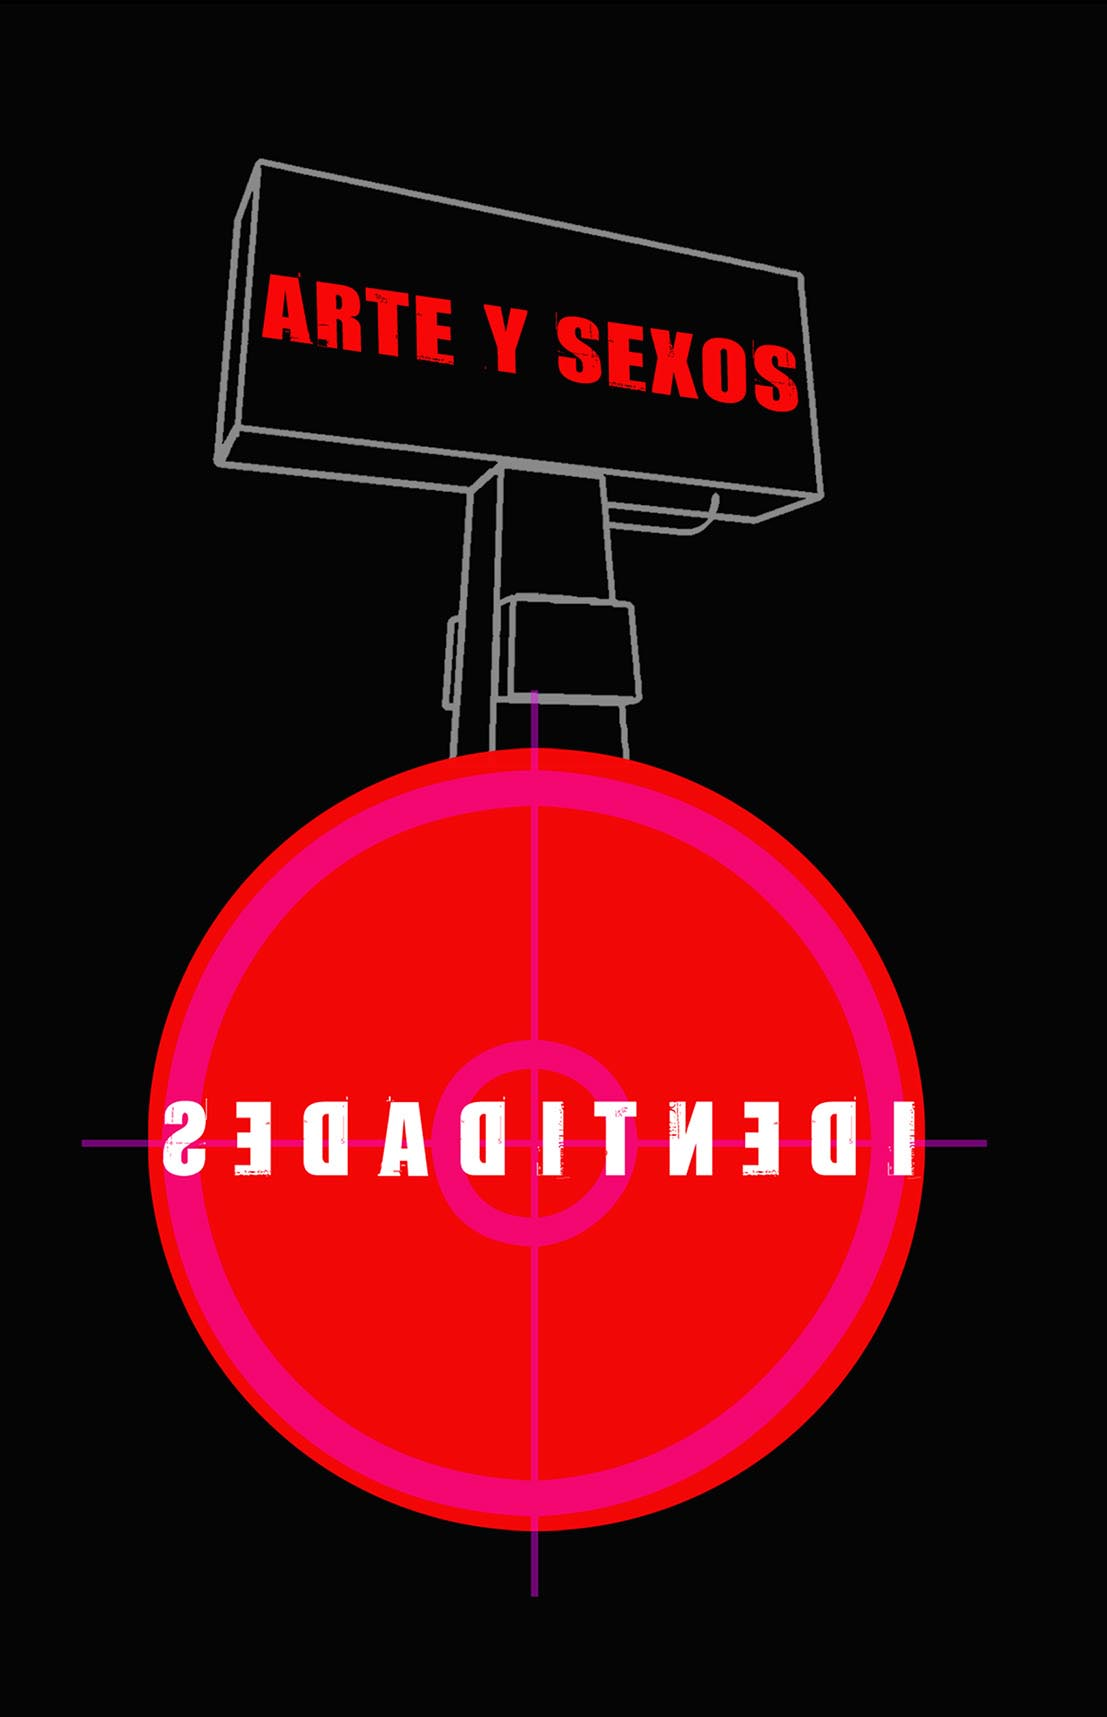 arteysexos